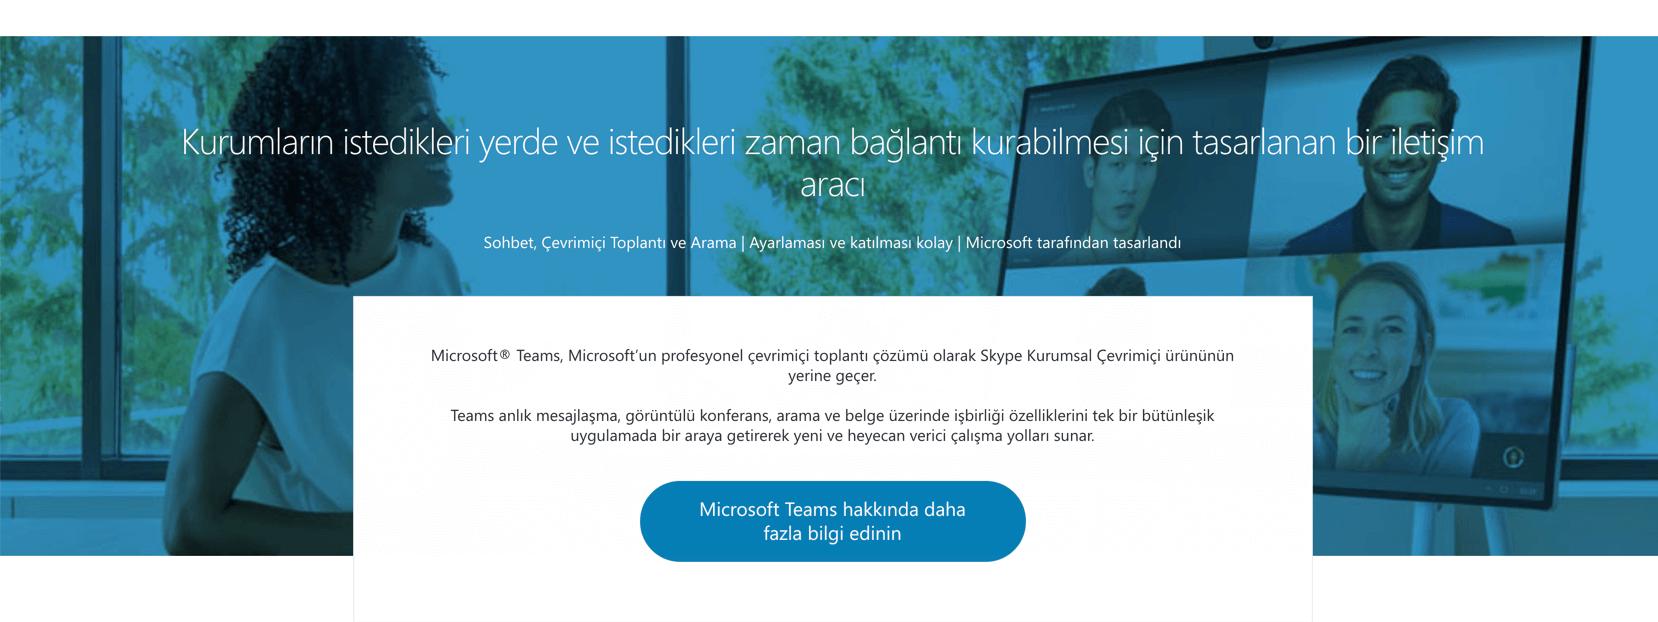 Skype Kurumsal proje yönetimi yazılımı